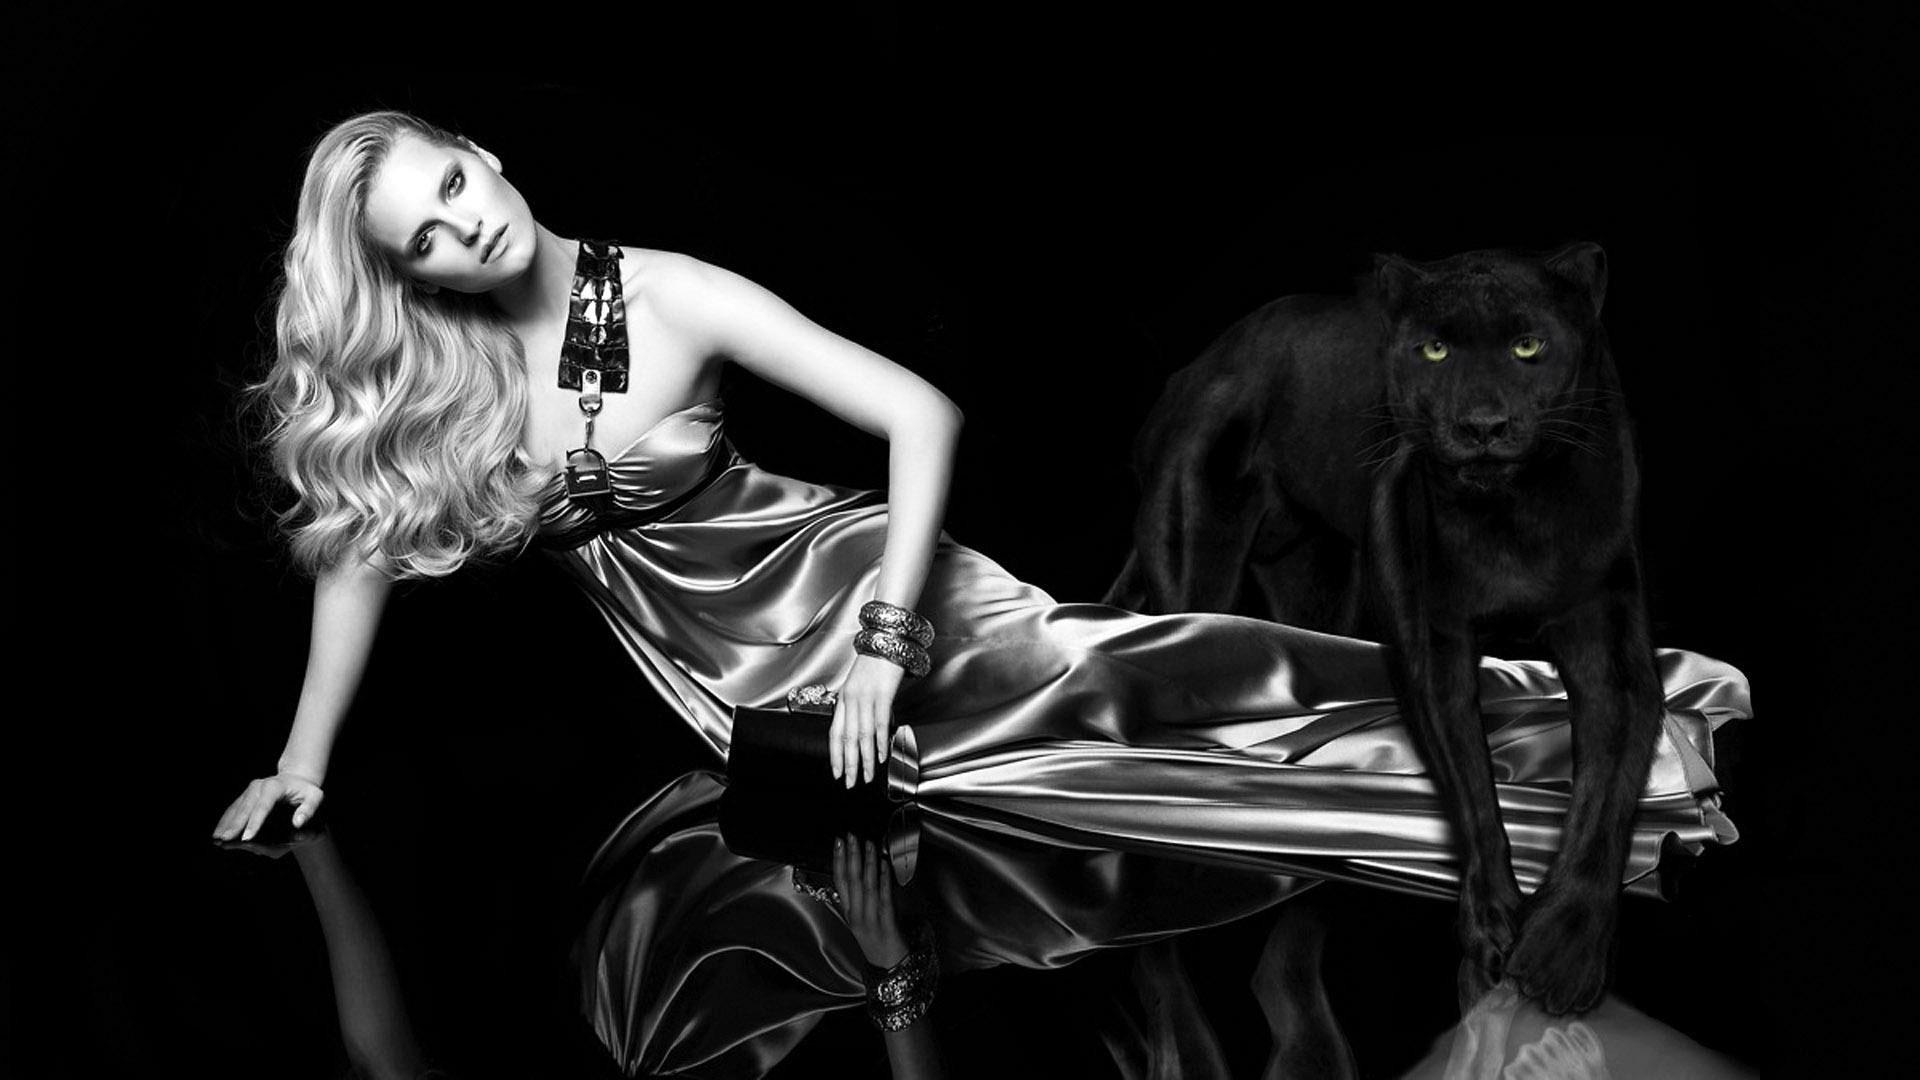 Девушка черная пантера фото